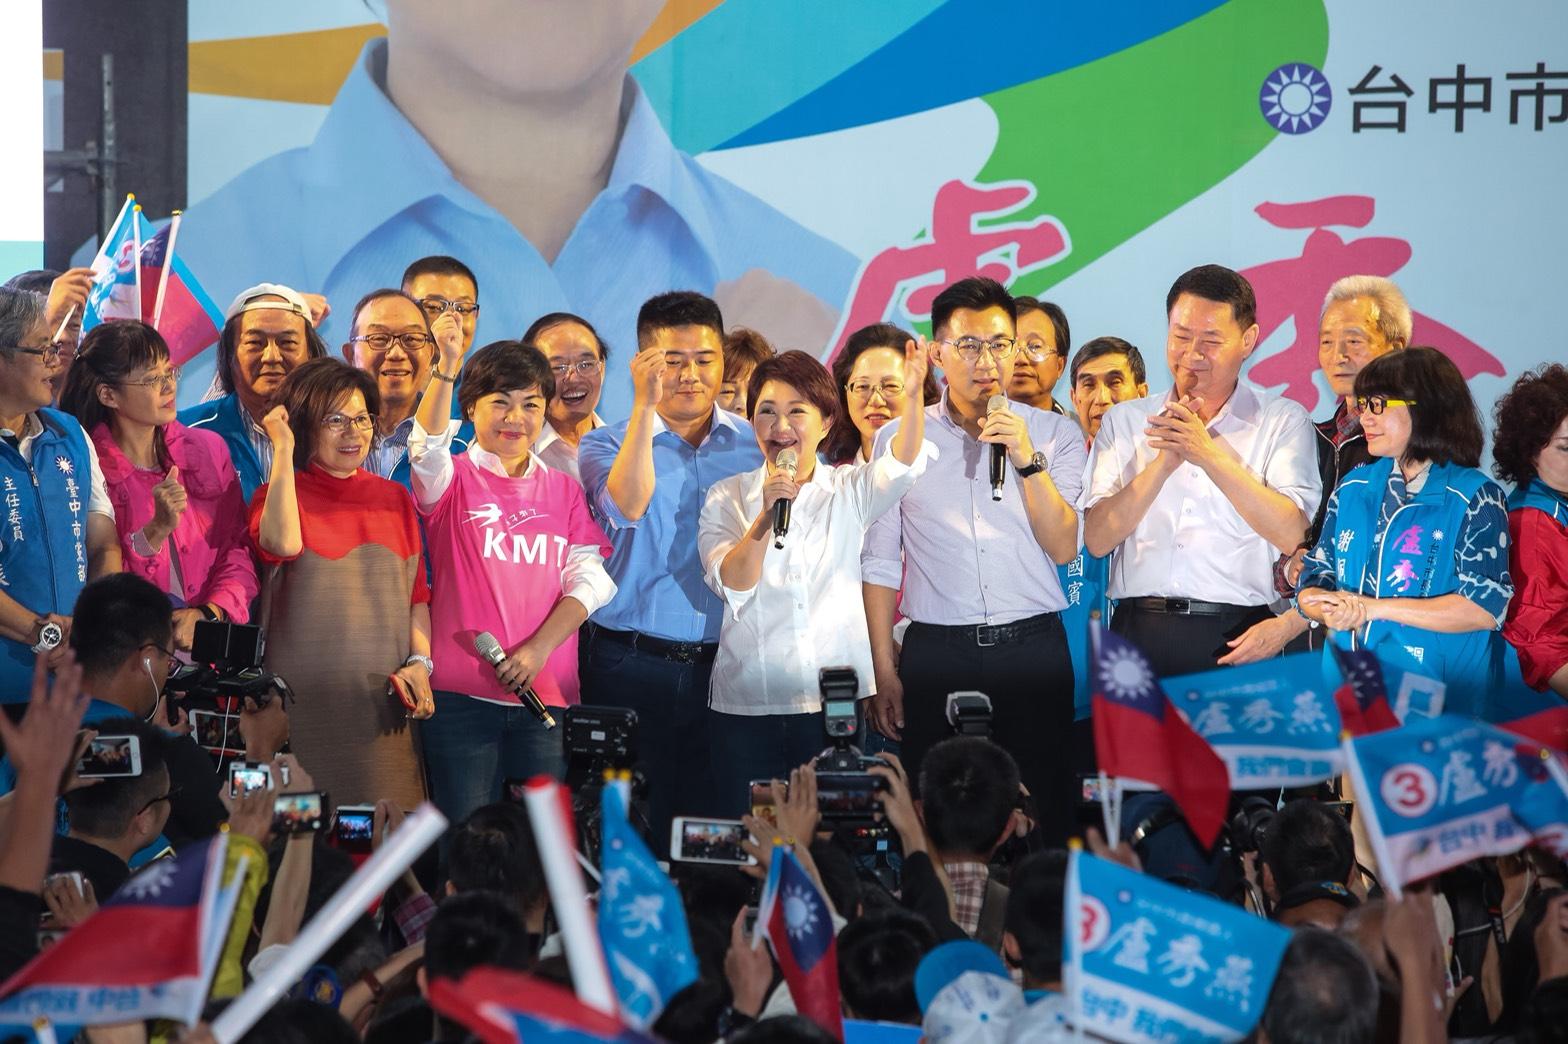 成功翻轉台中 盧秀燕:提過的政見,我絕對說到做到